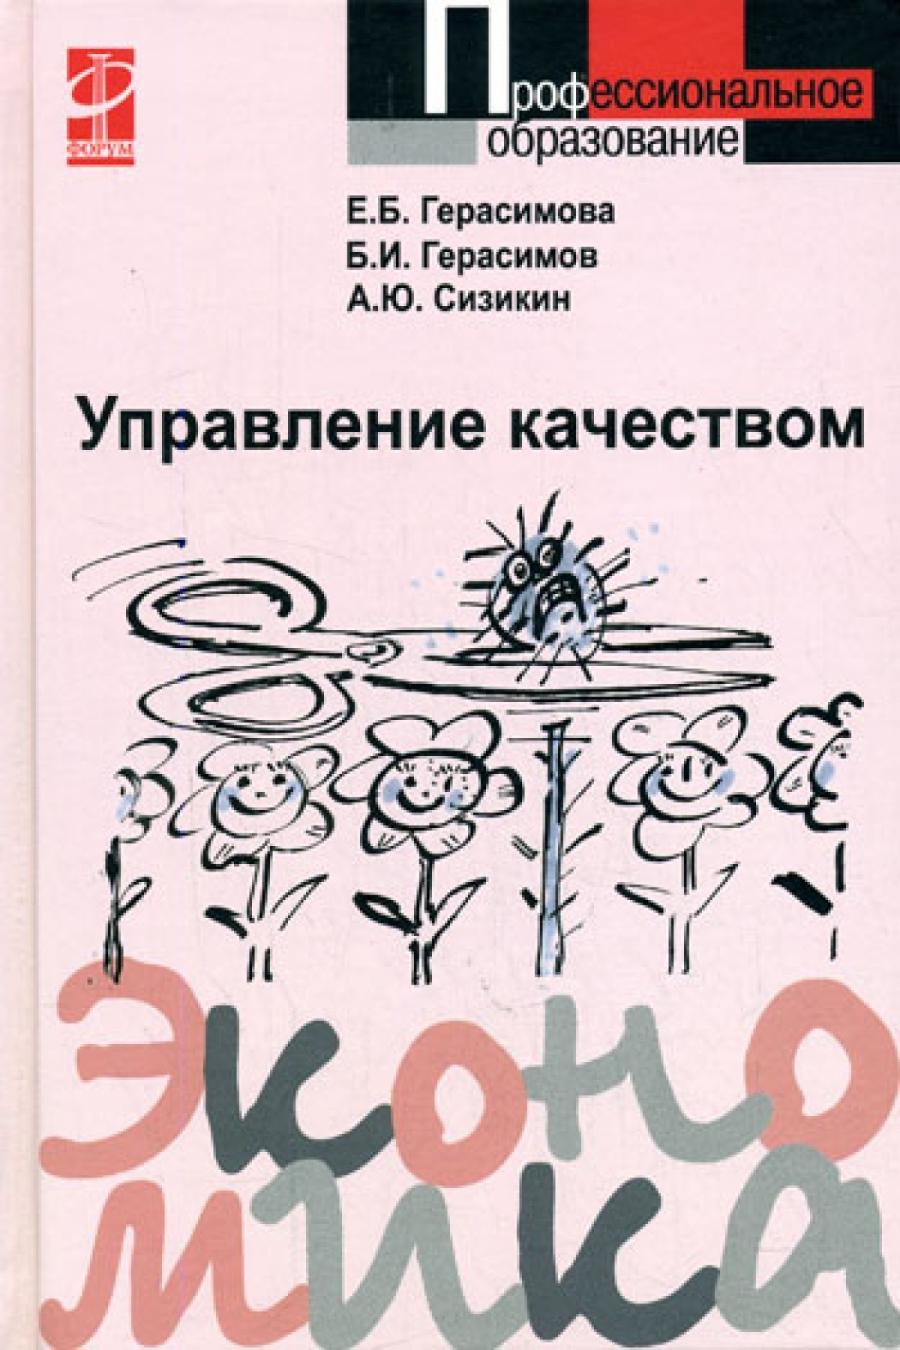 Обложка книги:  герасимова е. б., герасимов б. и., сизикин а. ю. - управление качеством